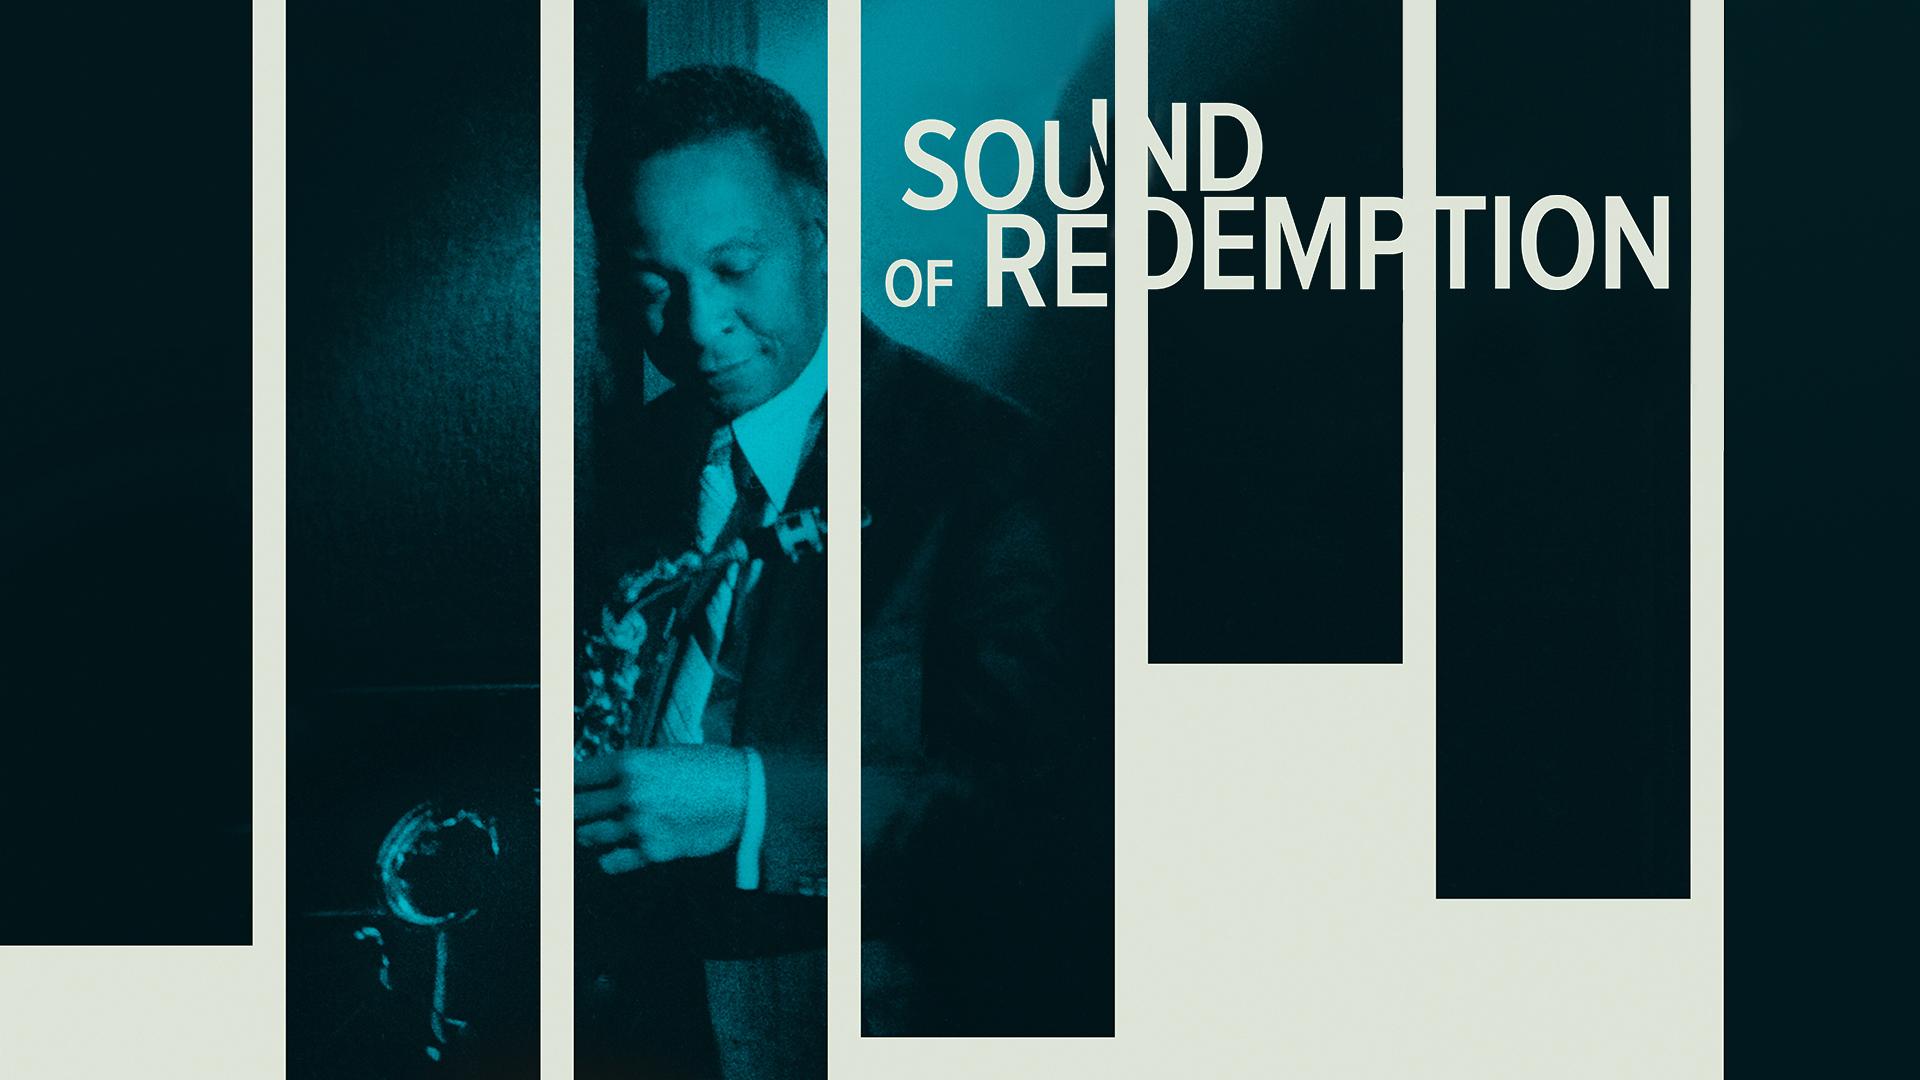 soundofredemption